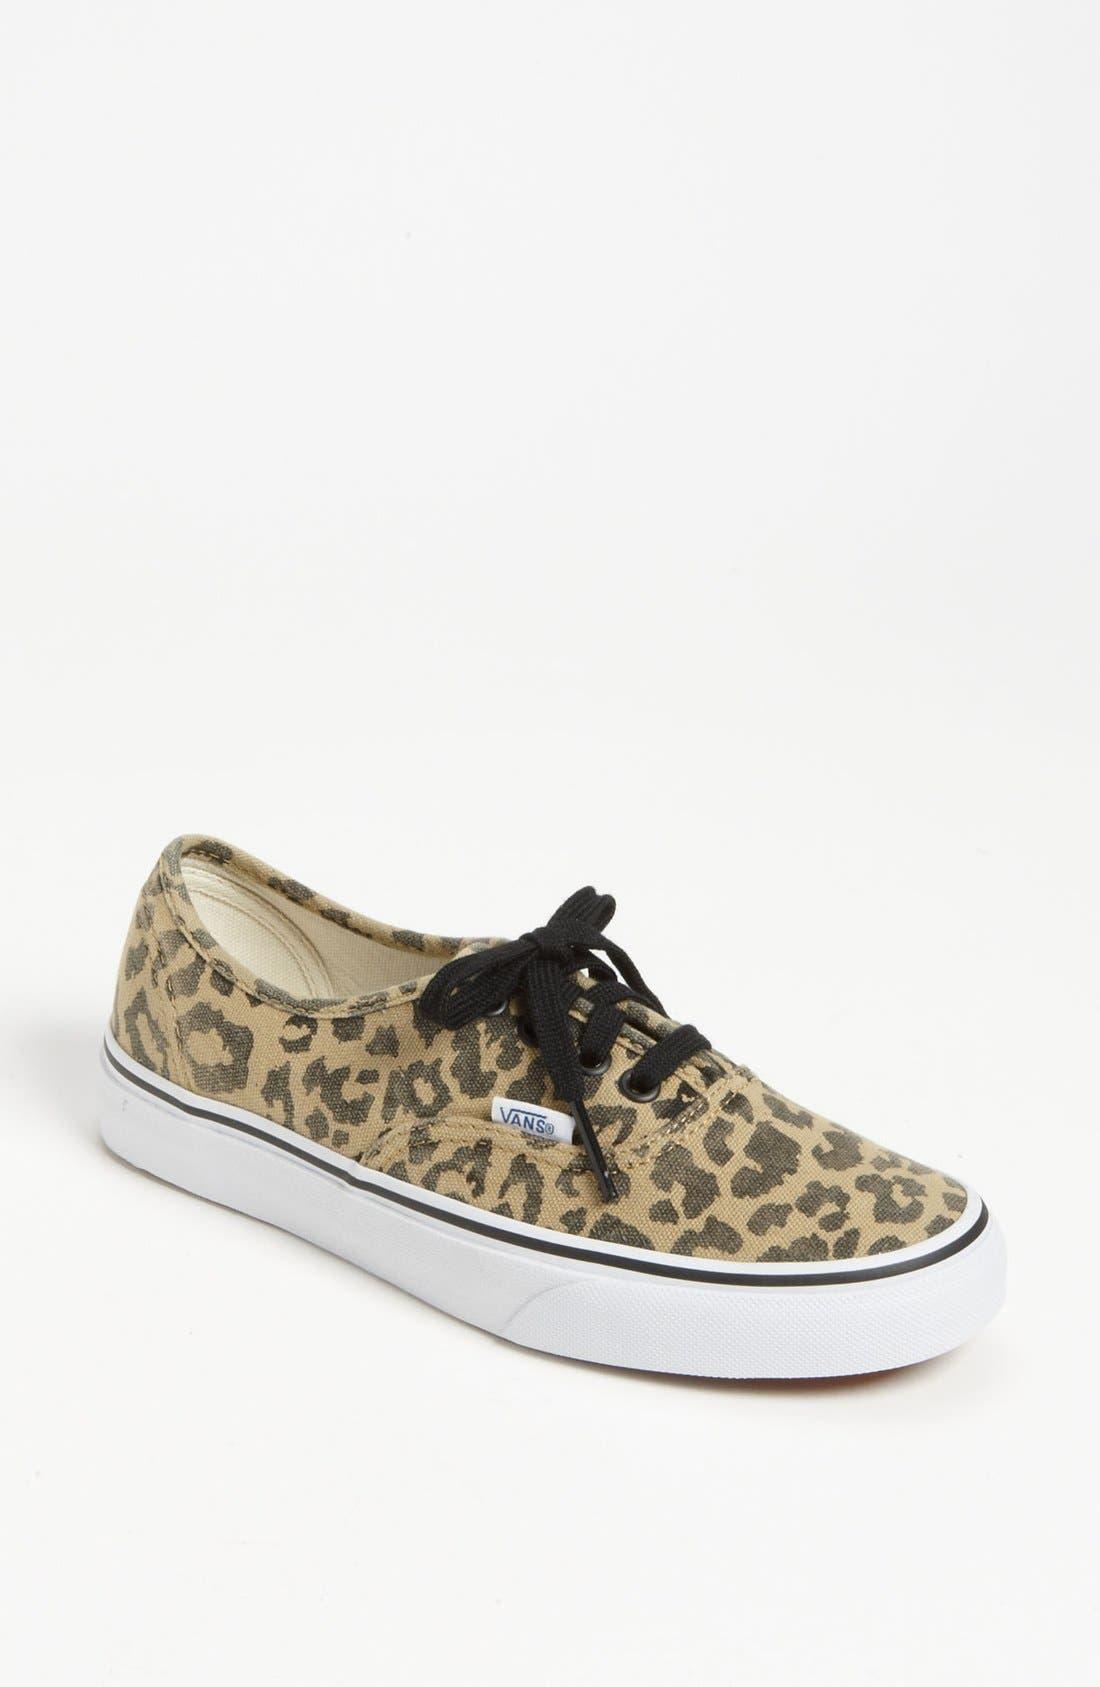 Alternate Image 1 Selected - Vans 'Authentic - Van Doren' Sneaker (Women)